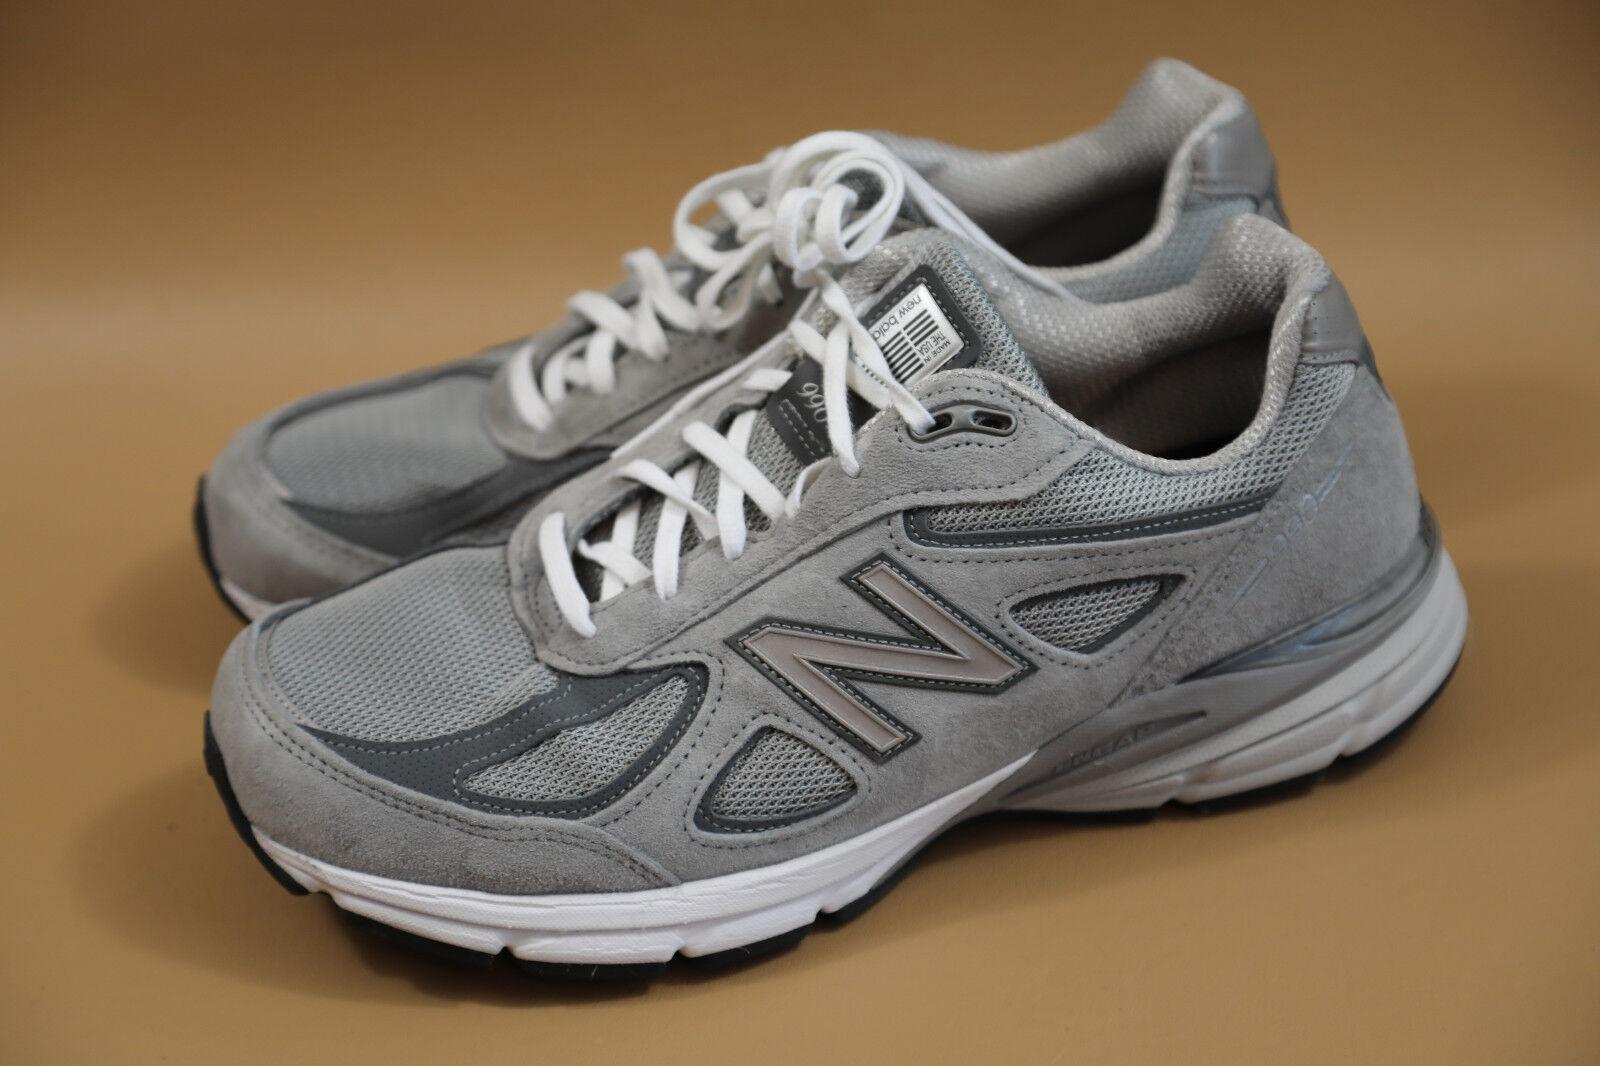 New Balance retail 990 Gray Men Sneakers Size 12 4E $175 retail Balance 1b0630